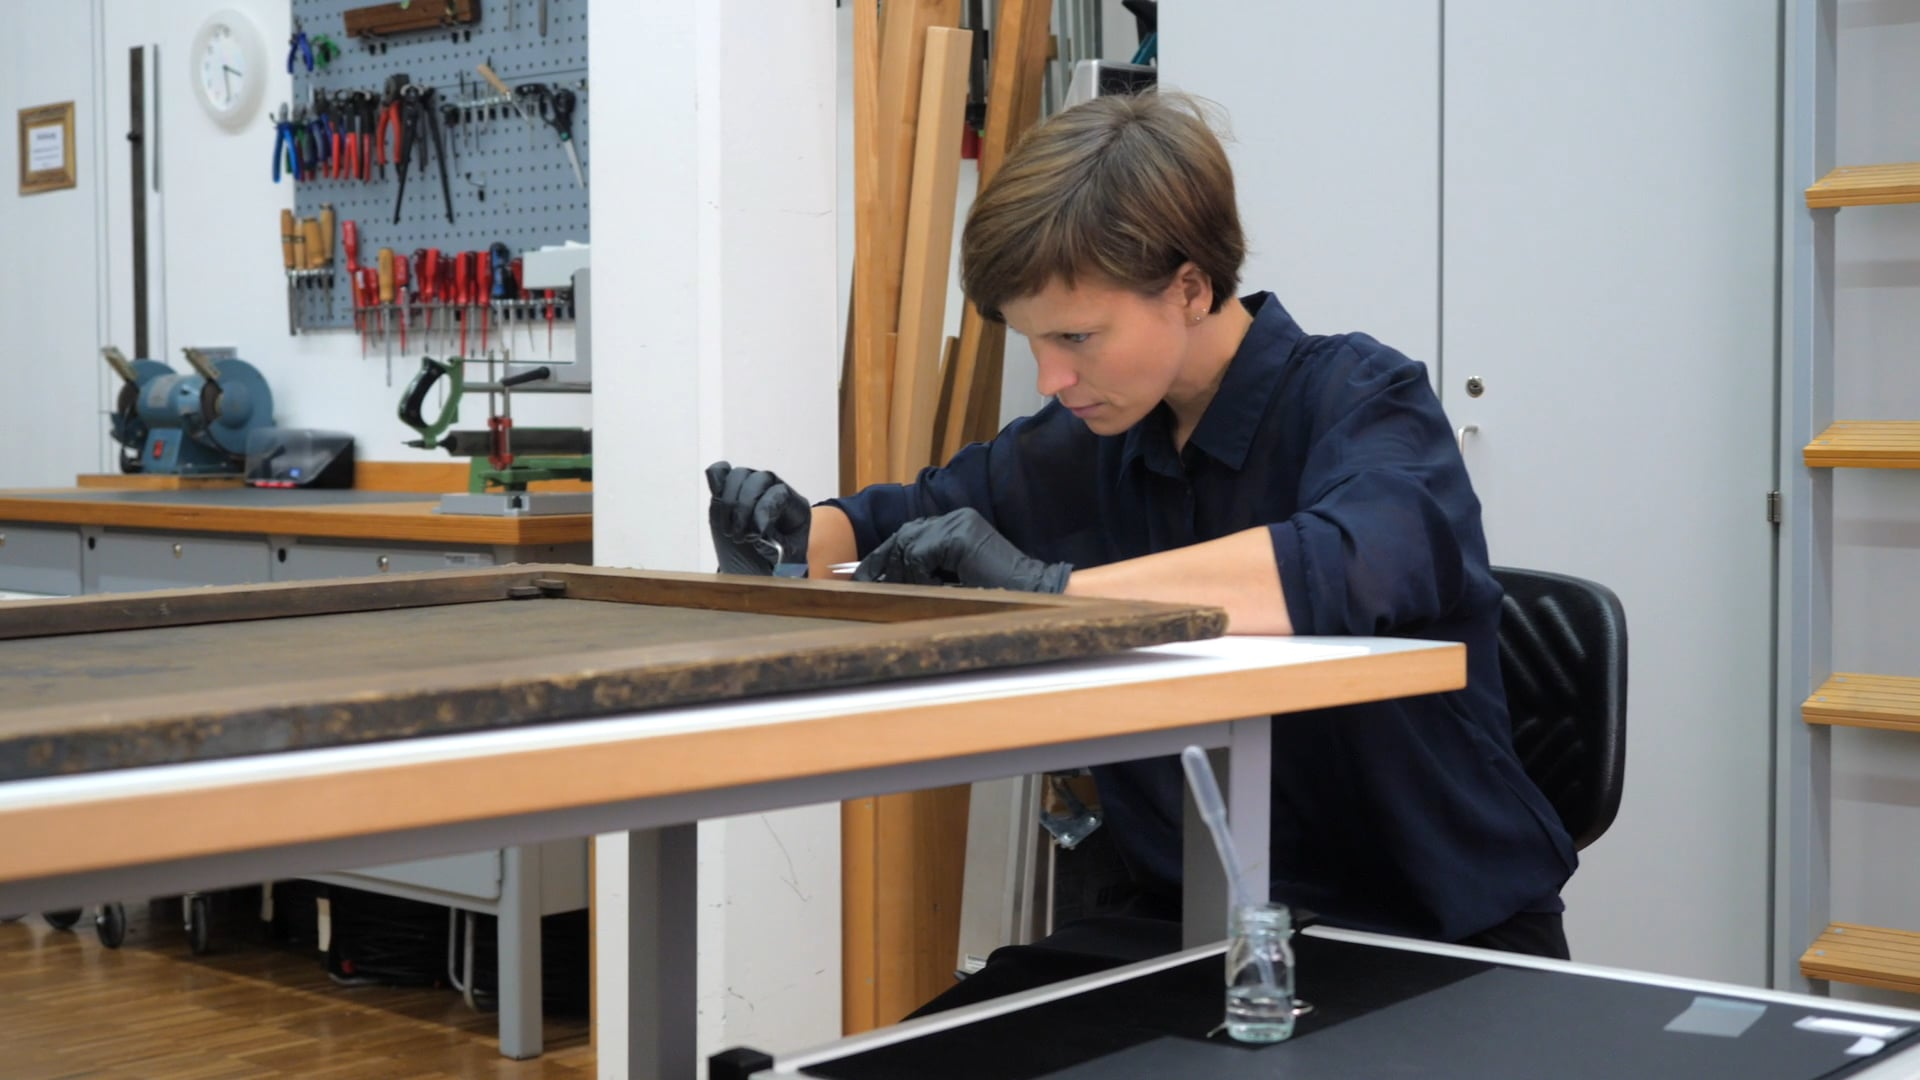 Klebstoffgitter - Methode und Anwendung zur Verklebung von Leinwandgemälden